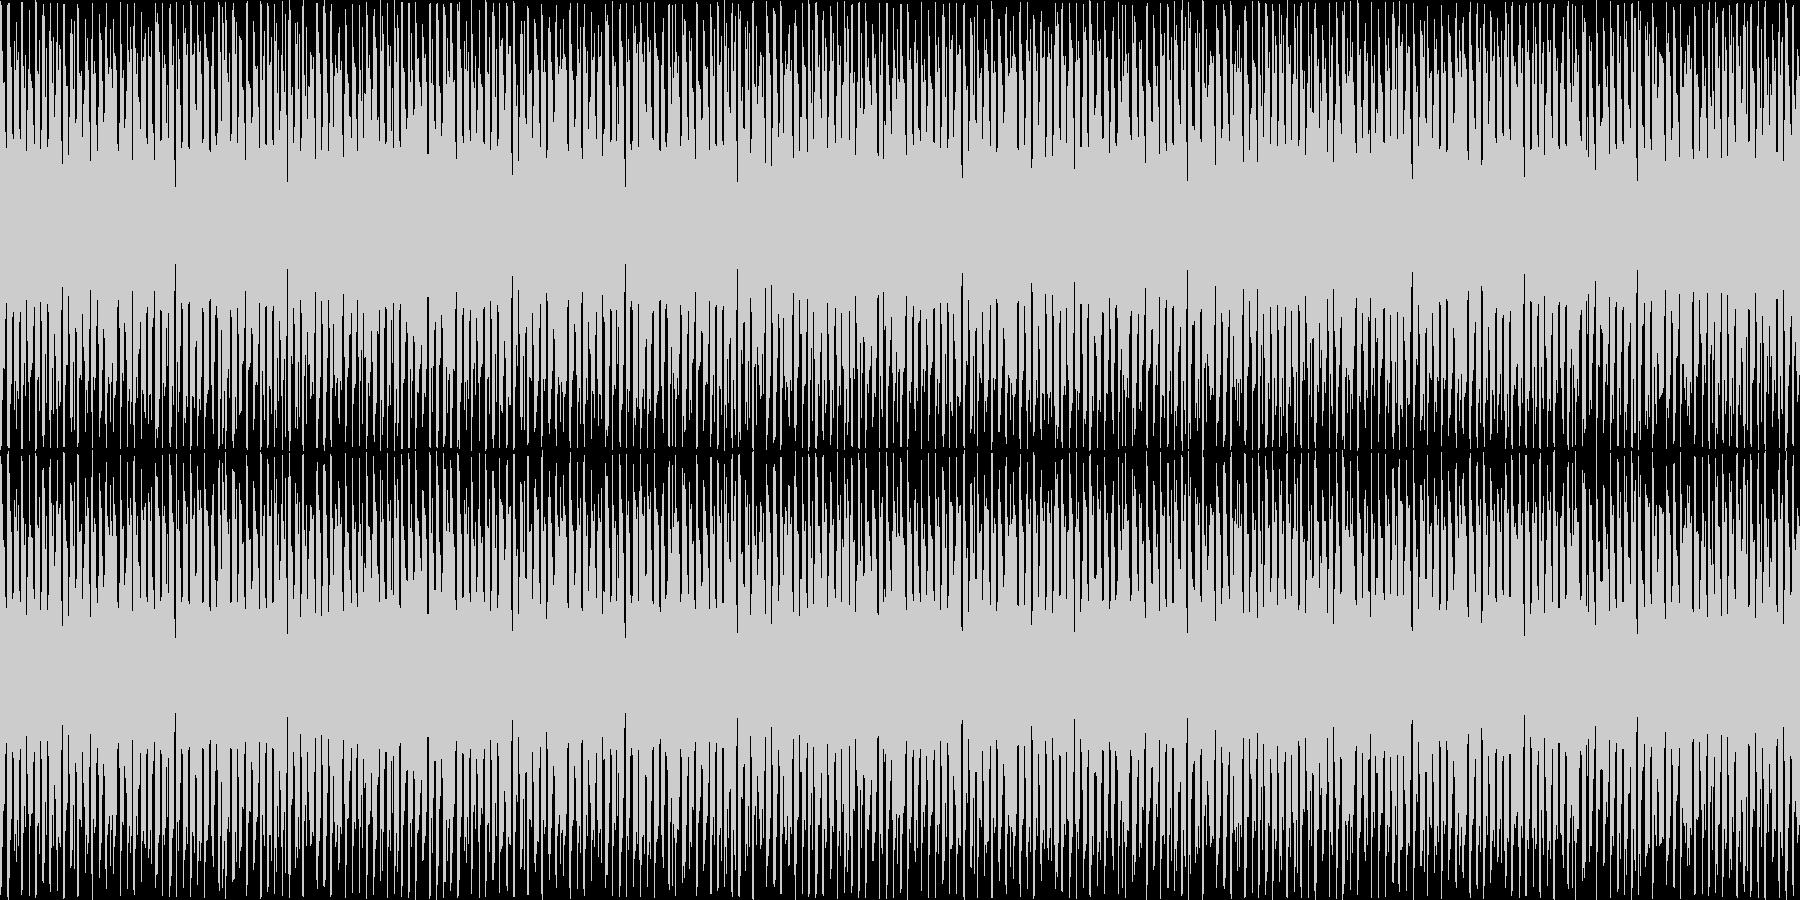 幻想的で力強い生演奏ループ音源の未再生の波形